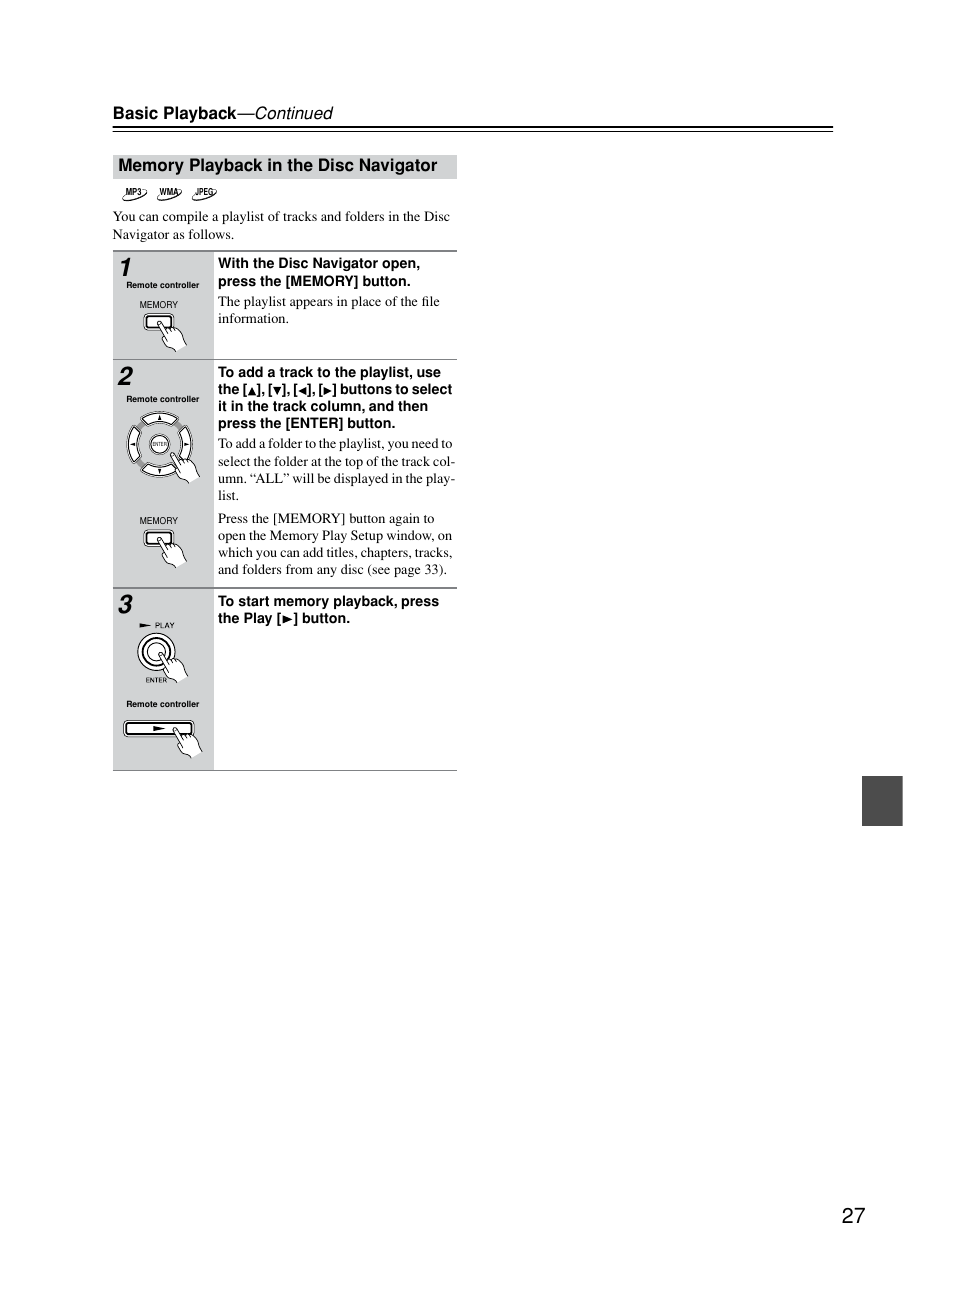 memory playback in the disc navigator onkyo dv cp702 user manual rh manualsdir com User Manual Word Manual Guide